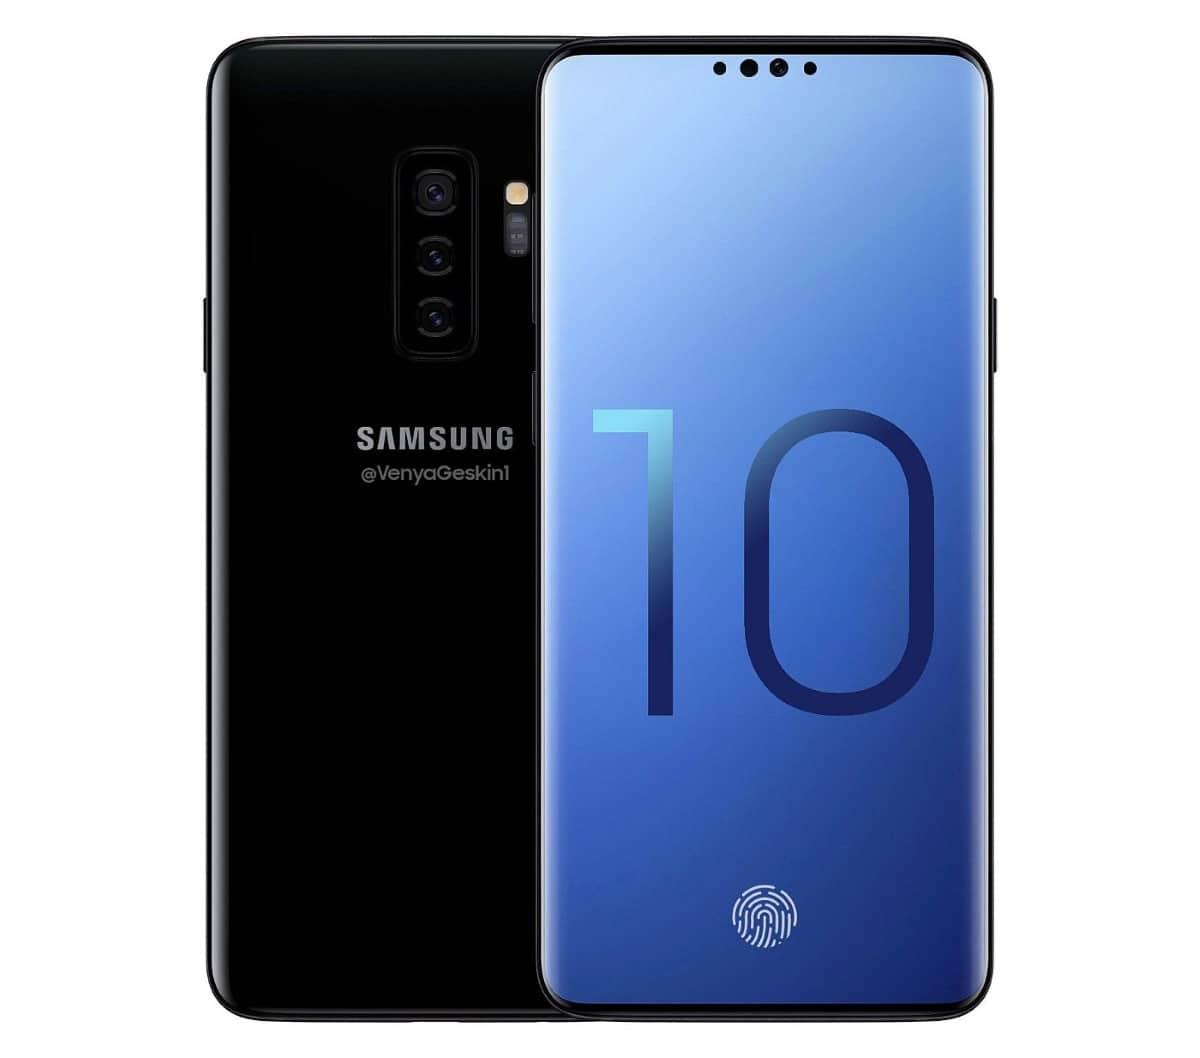 Samsung Galaxy S10 concept Ben Geskin design edit